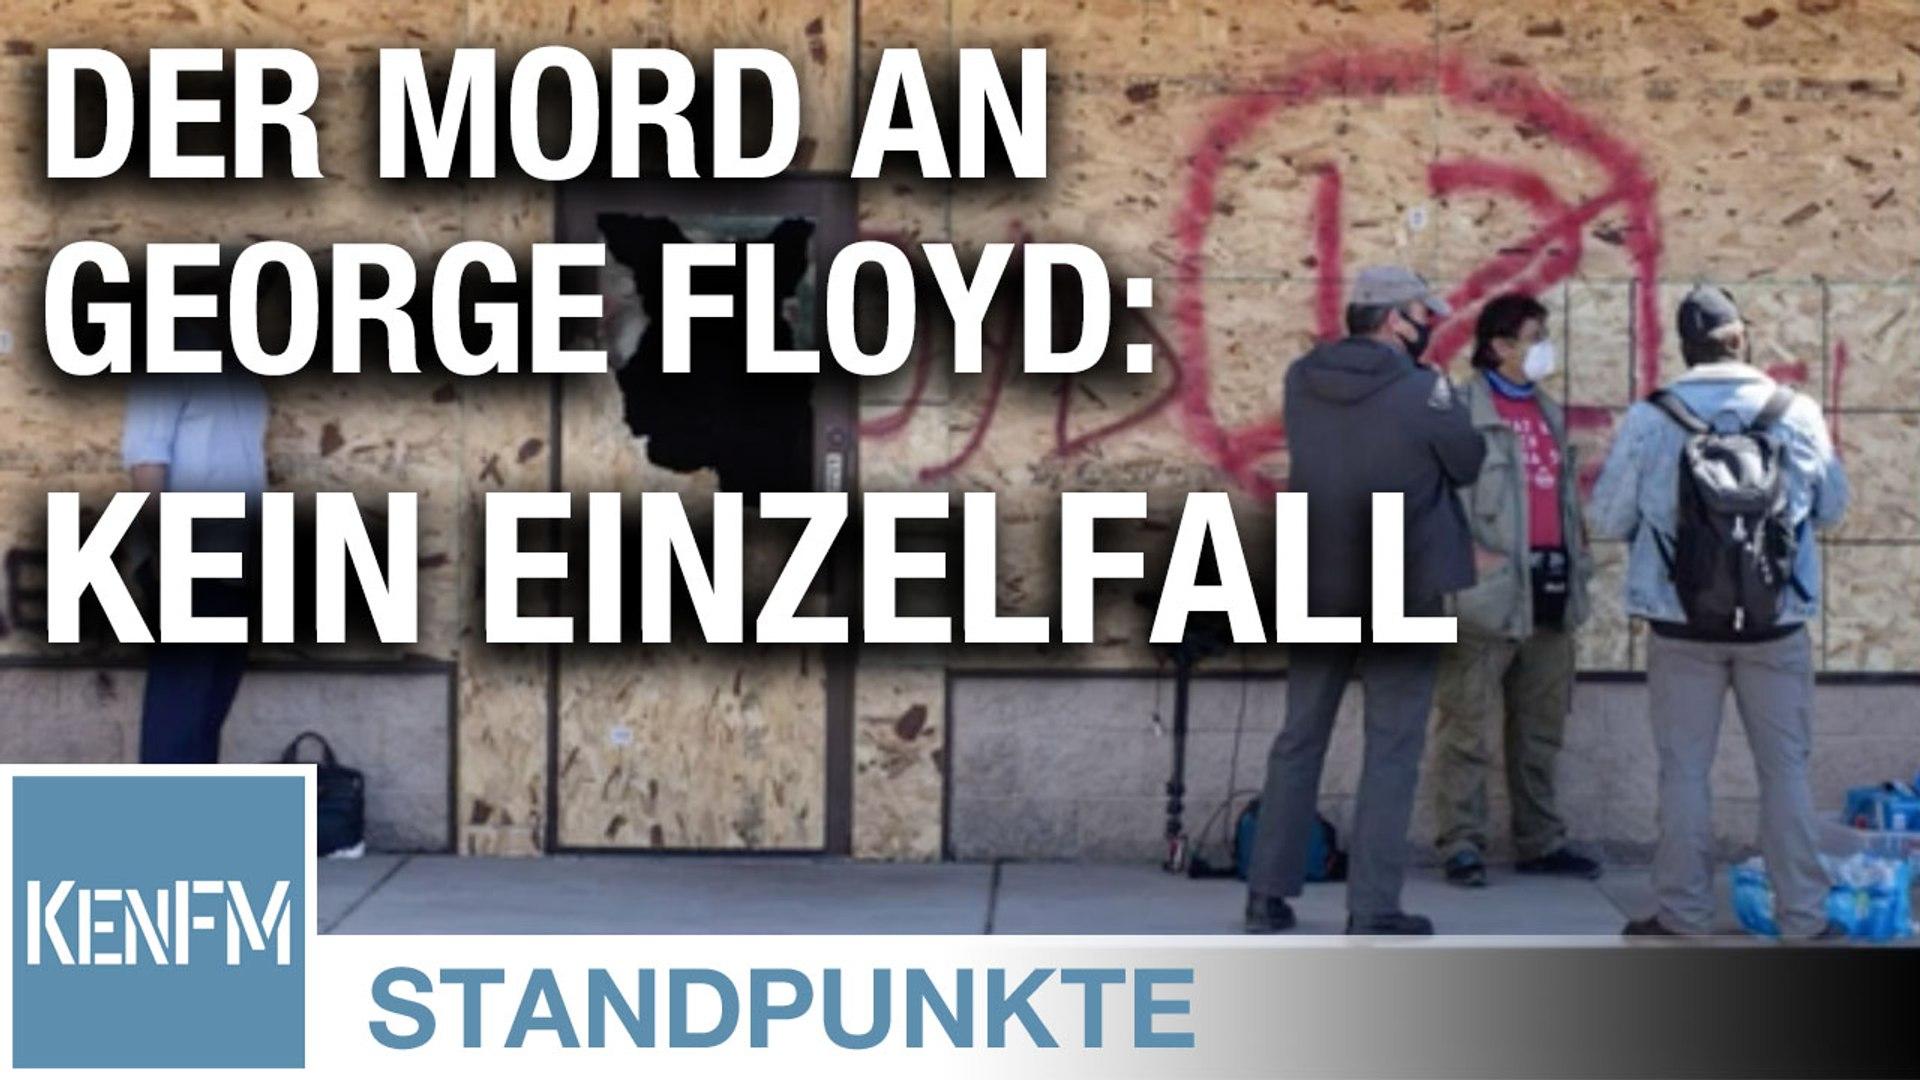 Der Mord an George Floyd: kein Einzelfall, ... • STANDPUNKTE